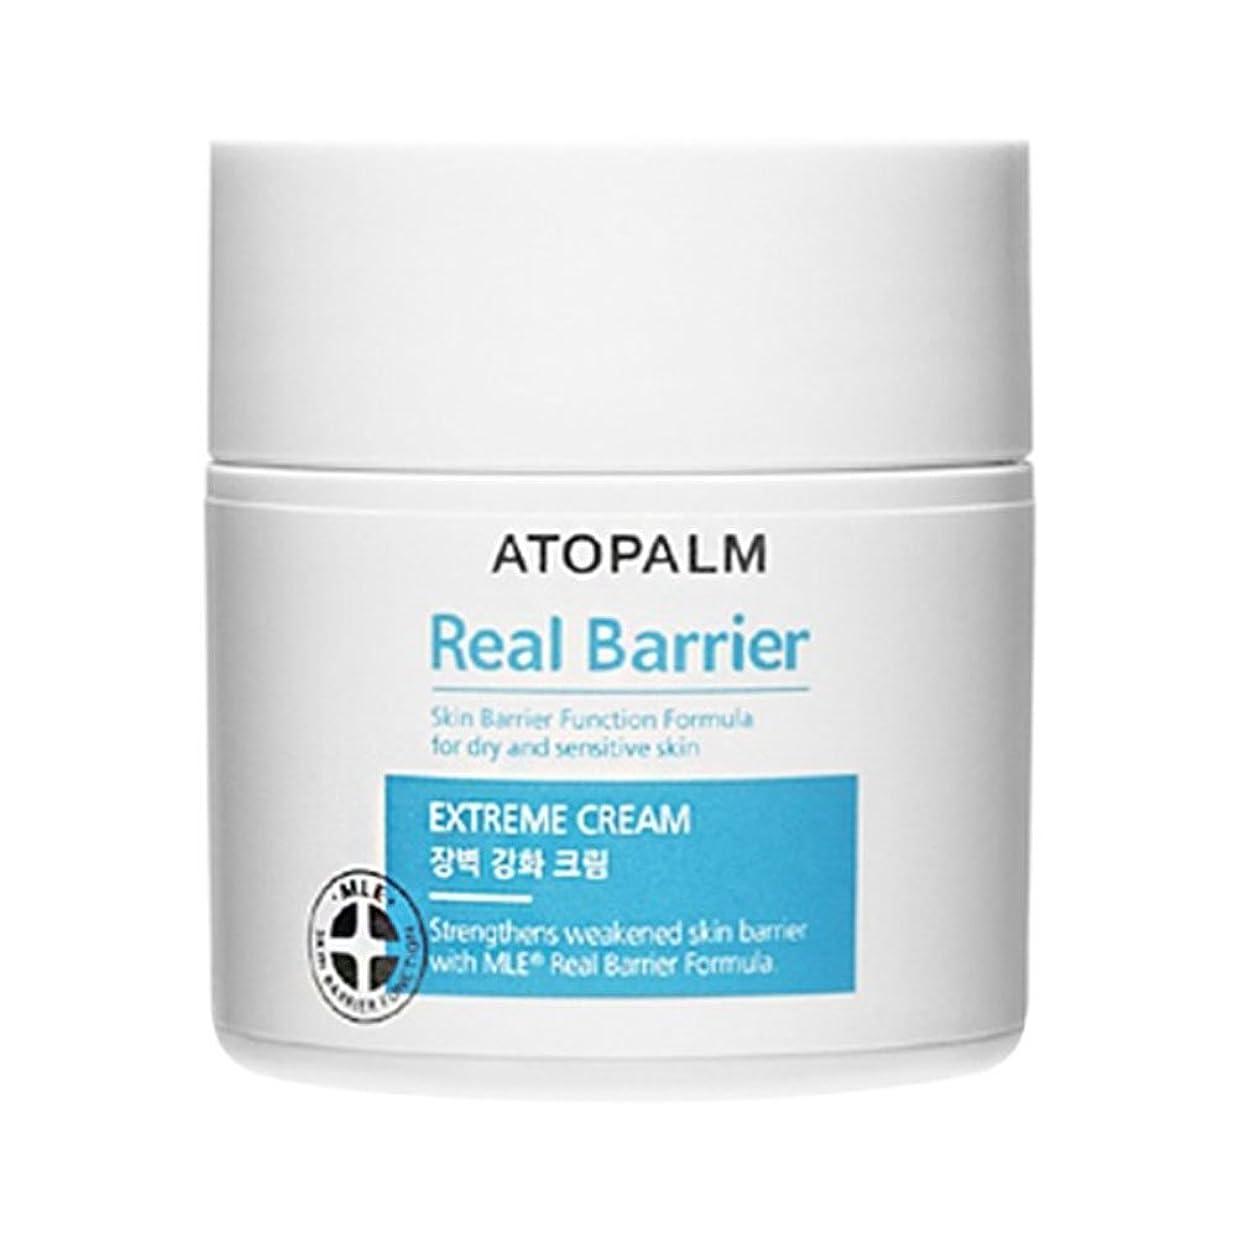 ライム修理可能冷淡なアトファムリアルバリア?エクストリームクリーム50ml、韓国化粧品 ATOPALM Real Barrier Extream Cream 50ml, Korean Cosmetics [並行輸入品]